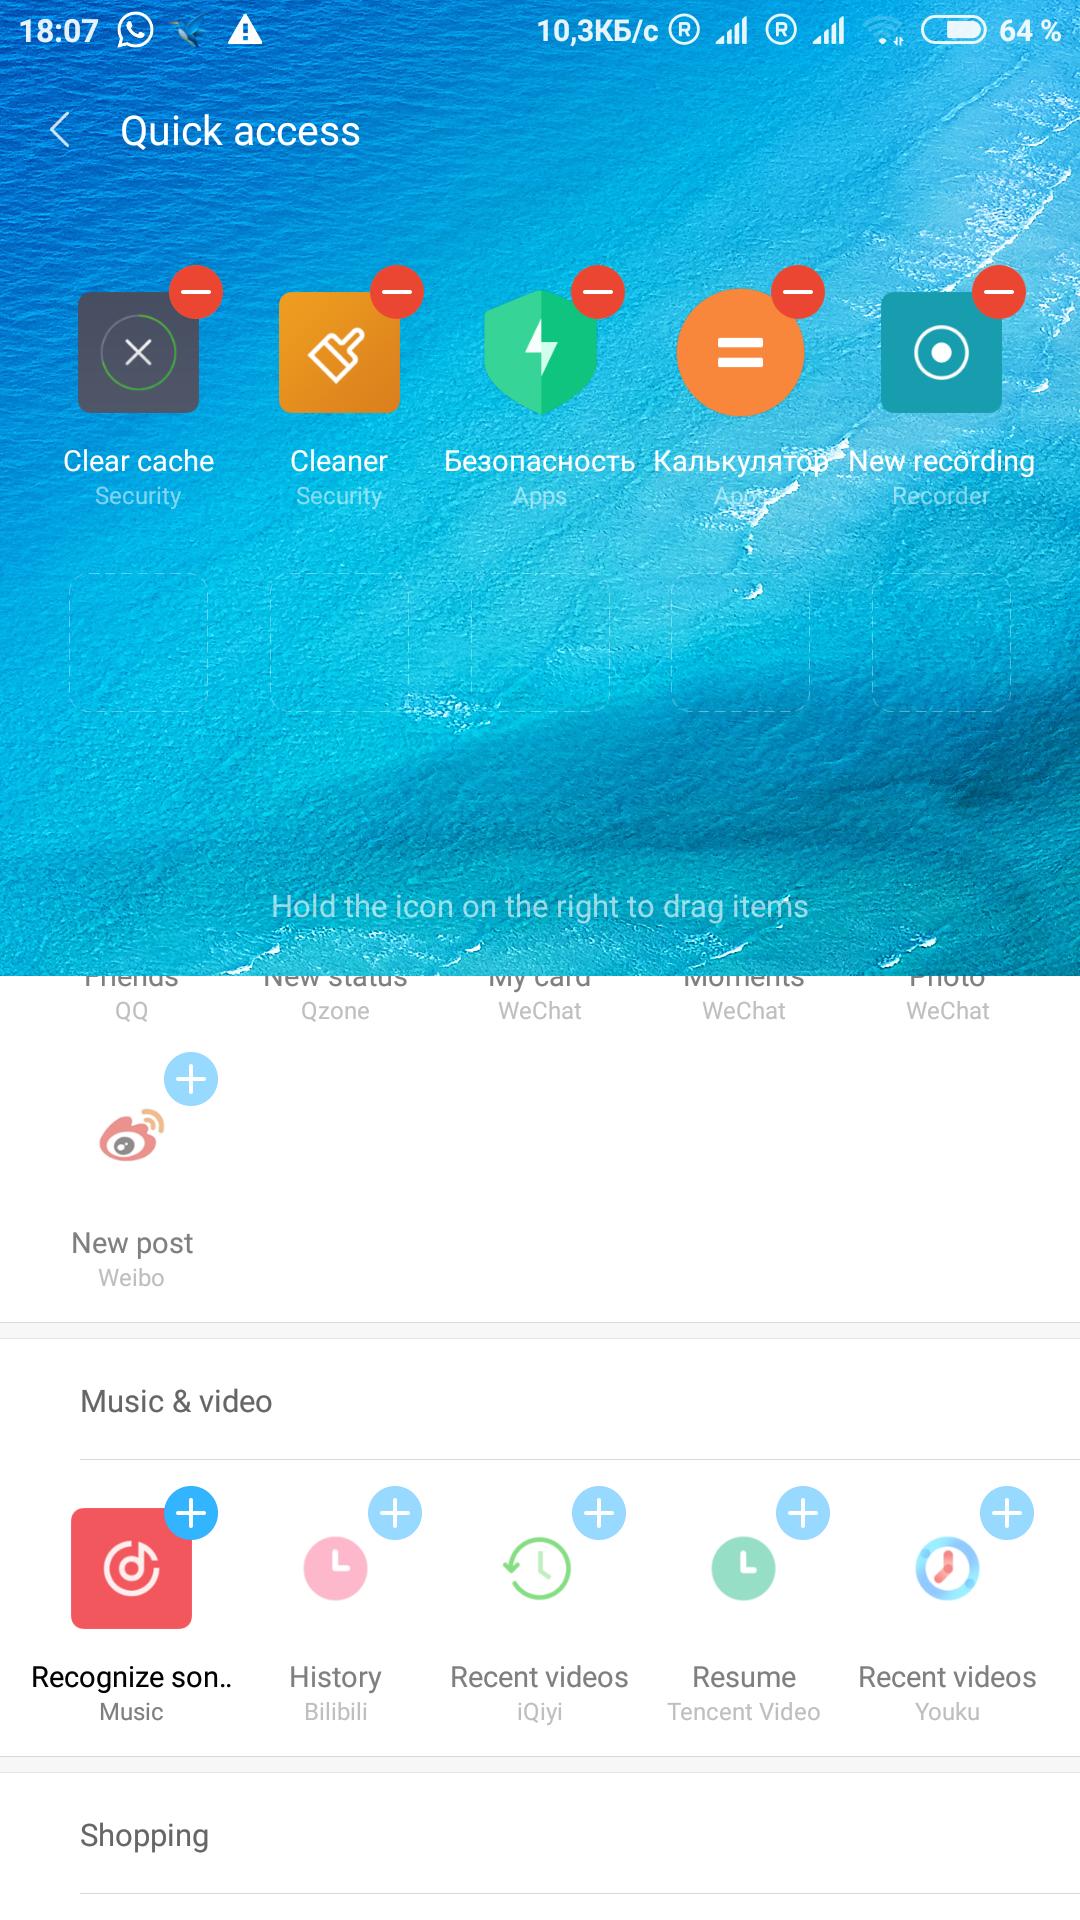 Screenshot_2018-07-21-18-07-36-945_com.miui.personalassistant.png